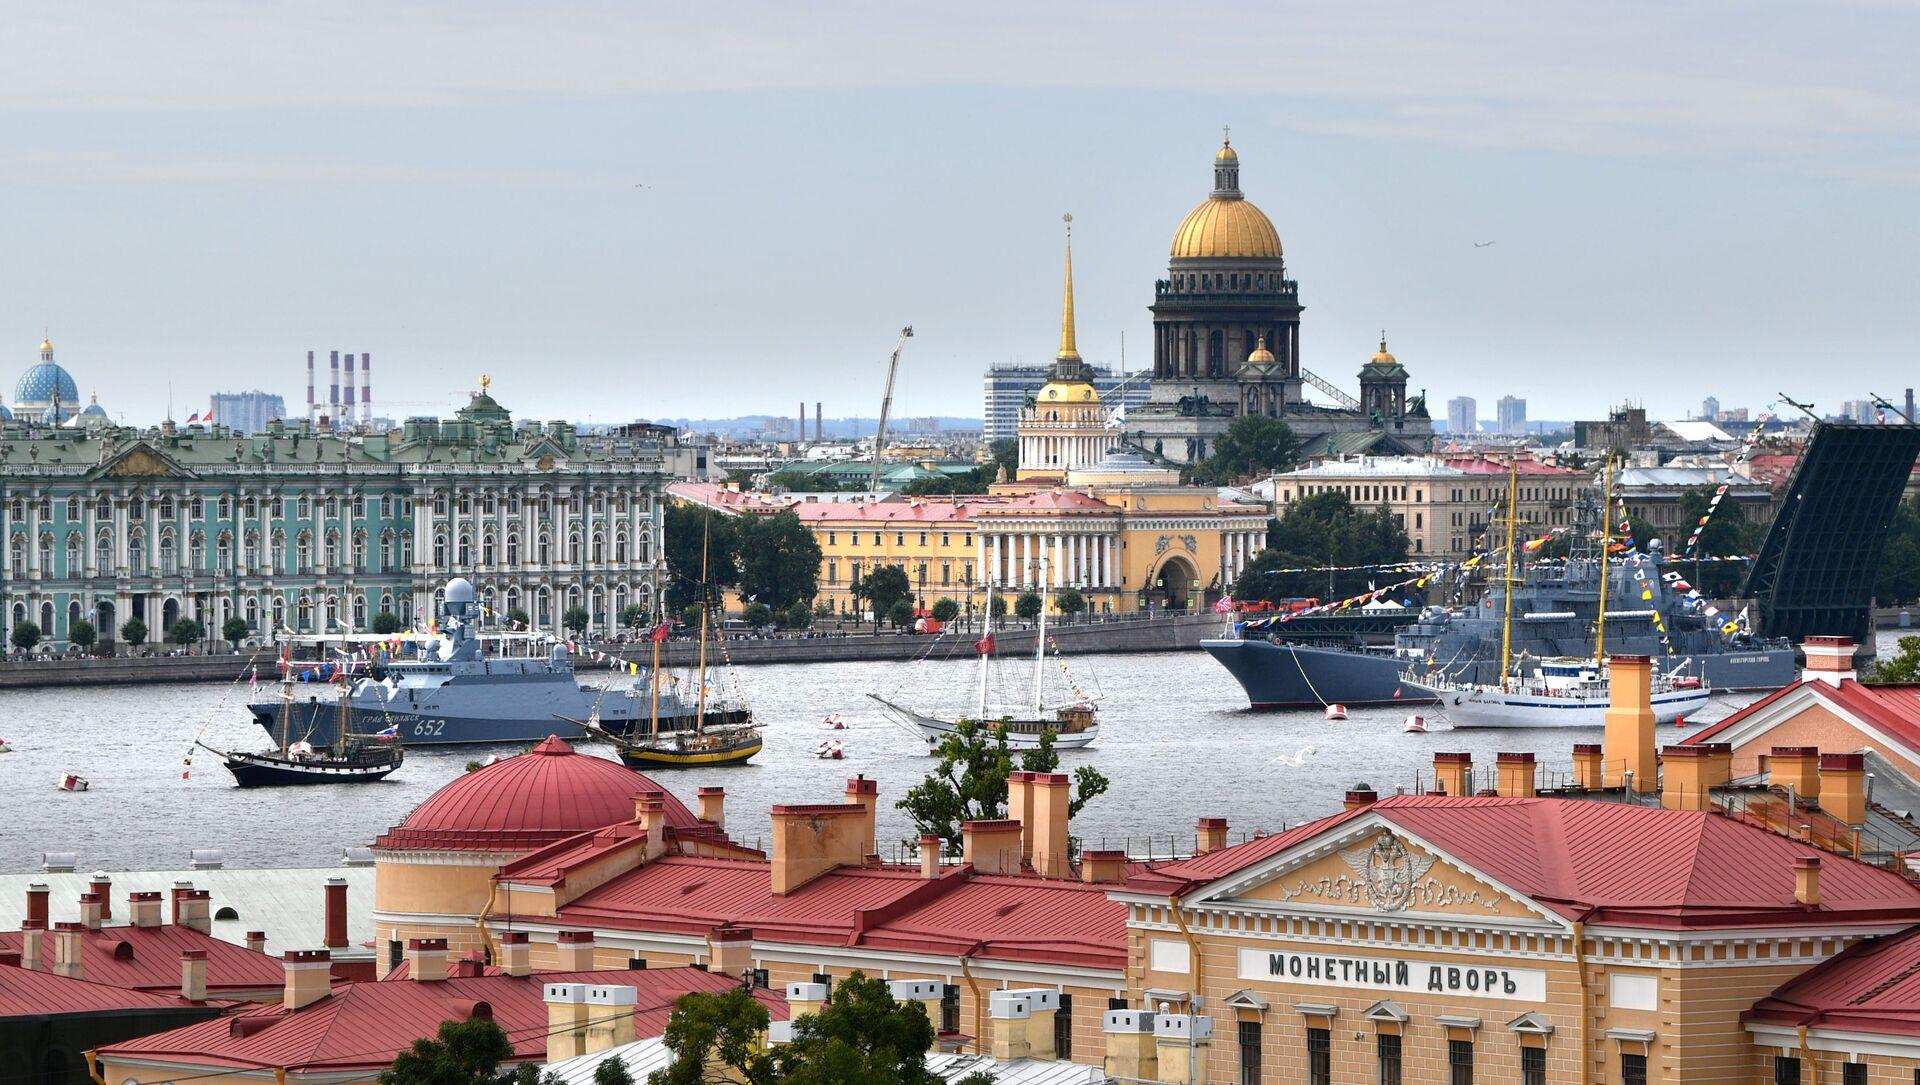 Saint Petersburg'da savaş gemileri ve nükleer denizaltıların geçit töreni yaptığı Rusya Donanma Günü - Sputnik Türkiye, 1920, 06.08.2021